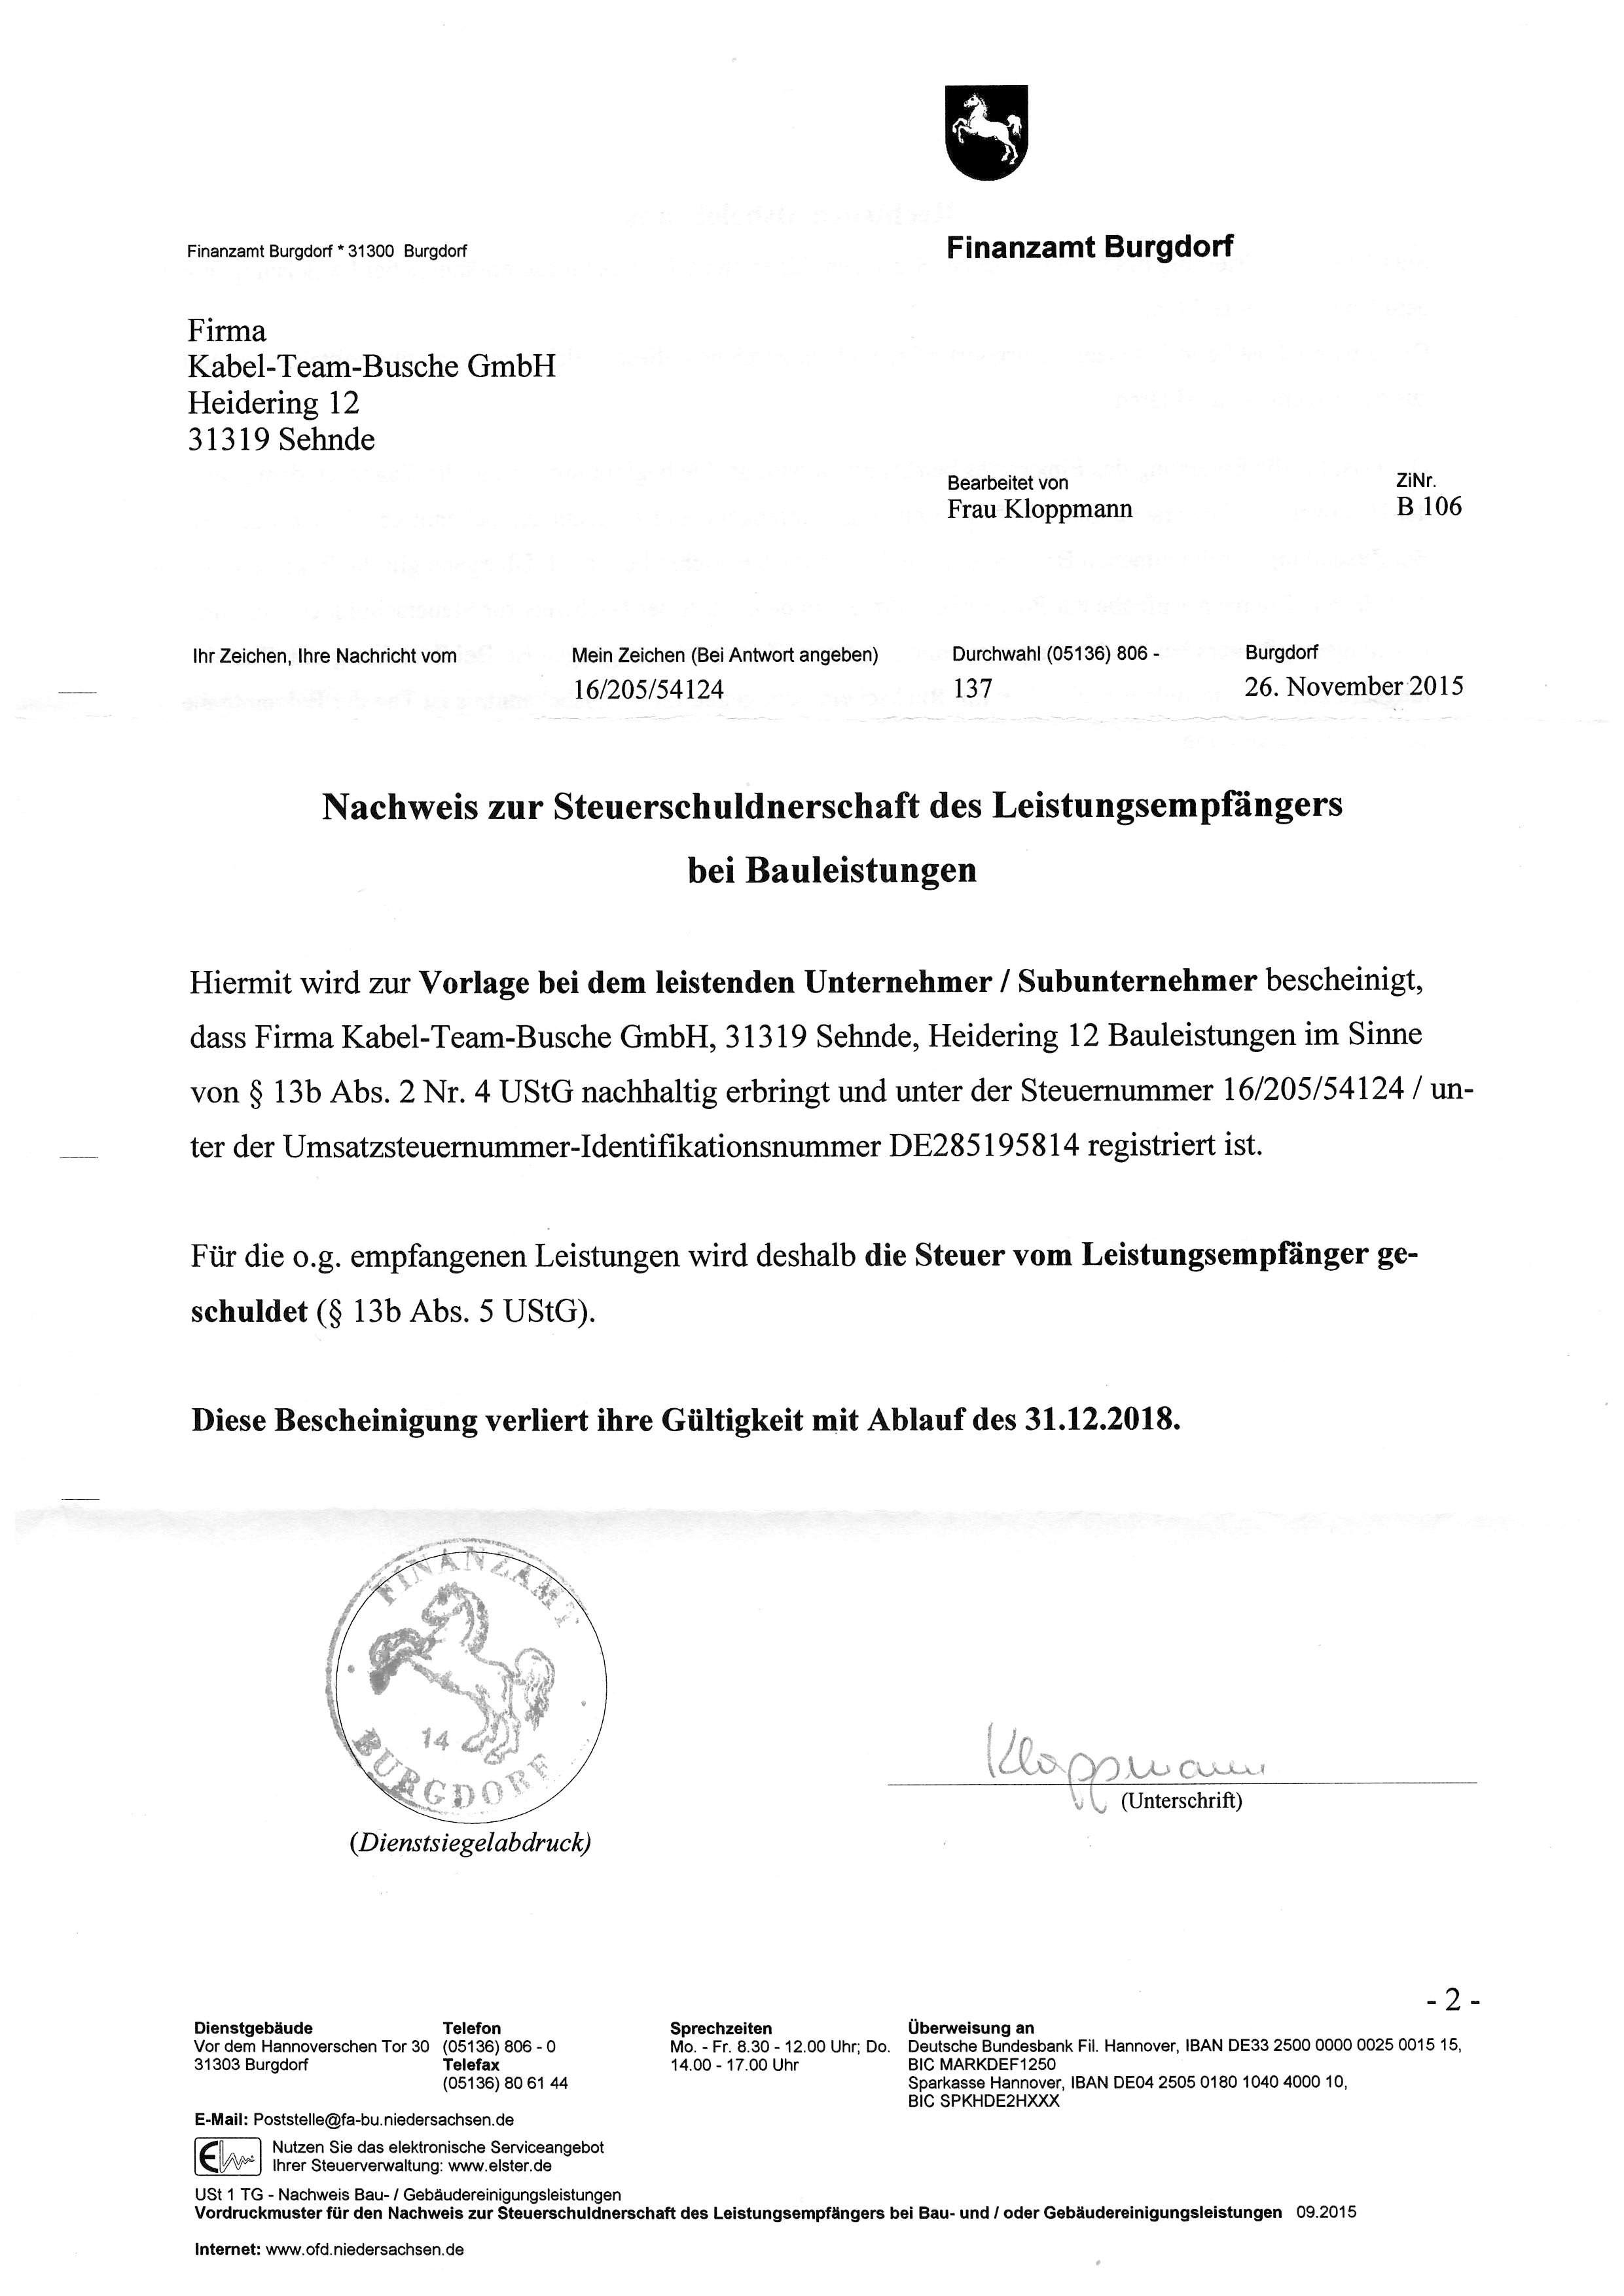 Freistellungsbescheinigung Bauleistungen bis 31.12.18